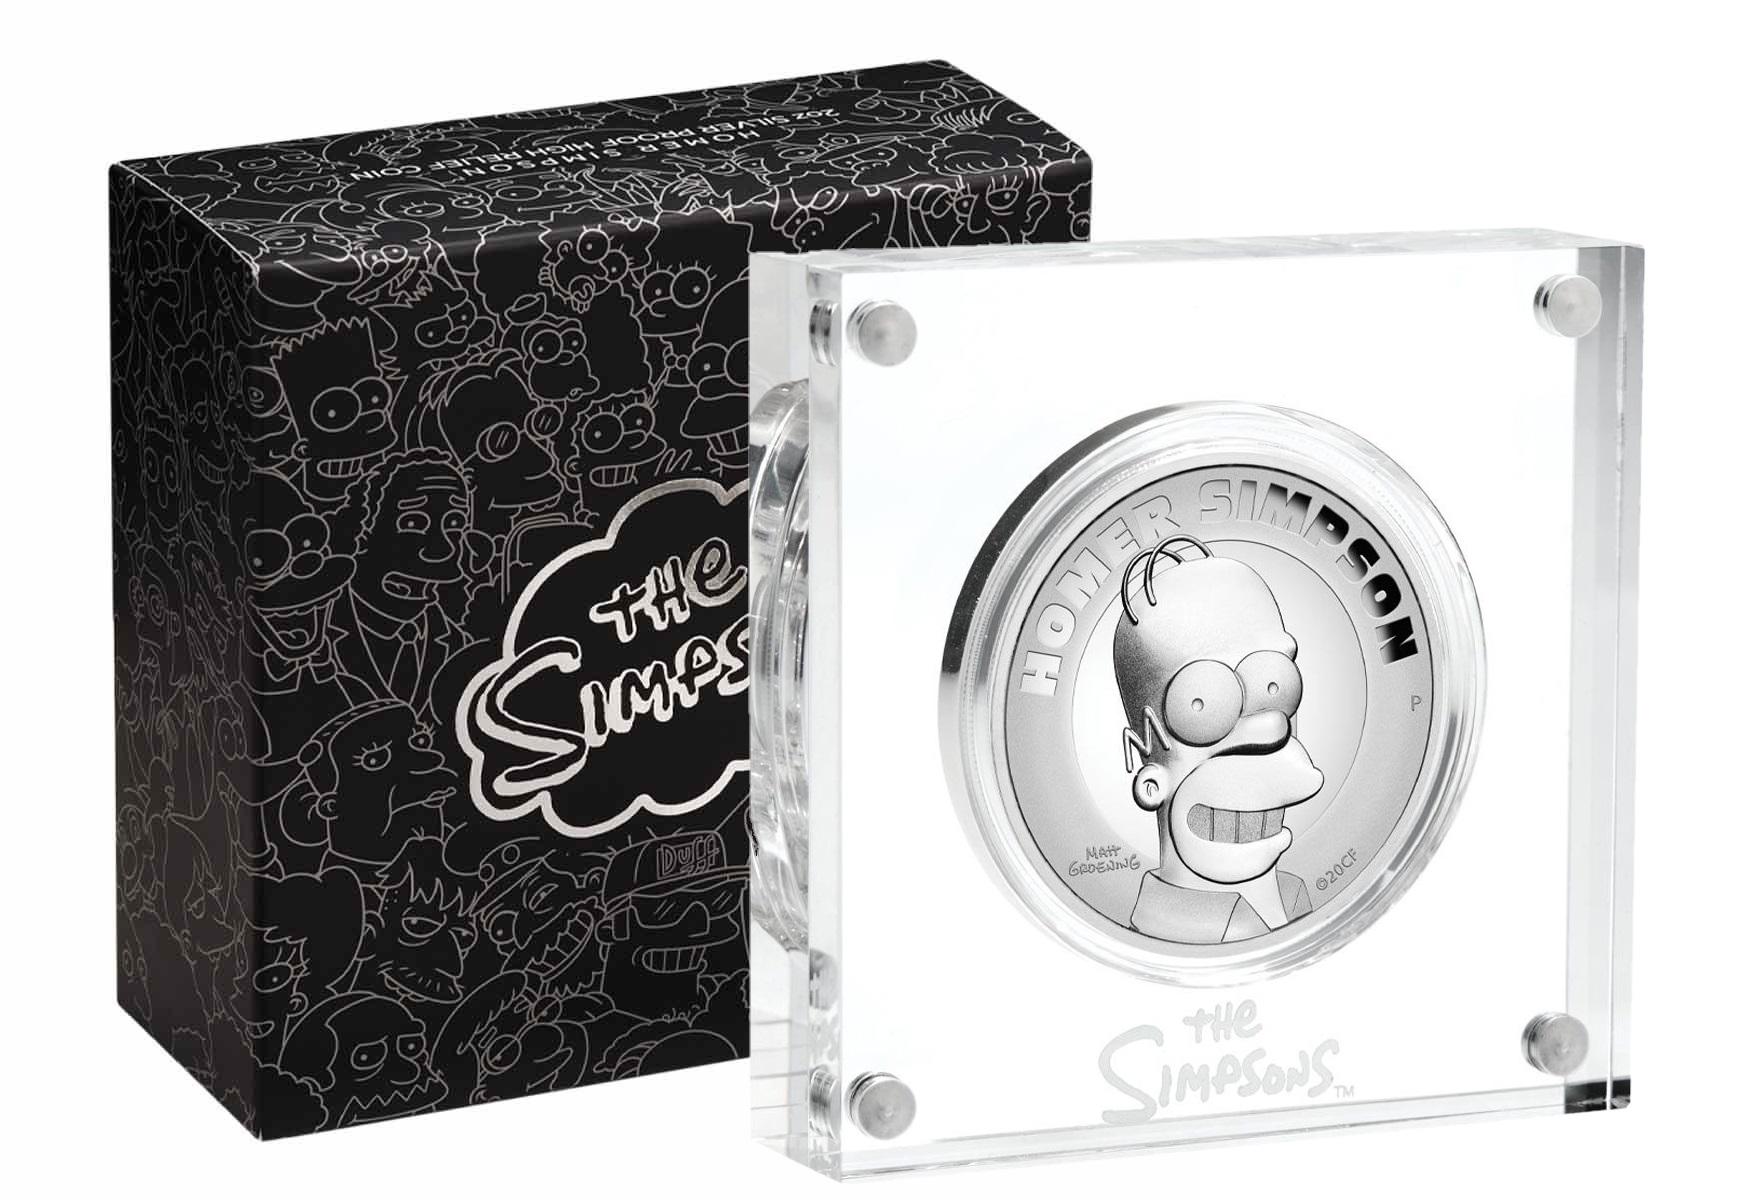 Тувалу монета 2 доллара Гомер Симпсон, подарочная упаковка